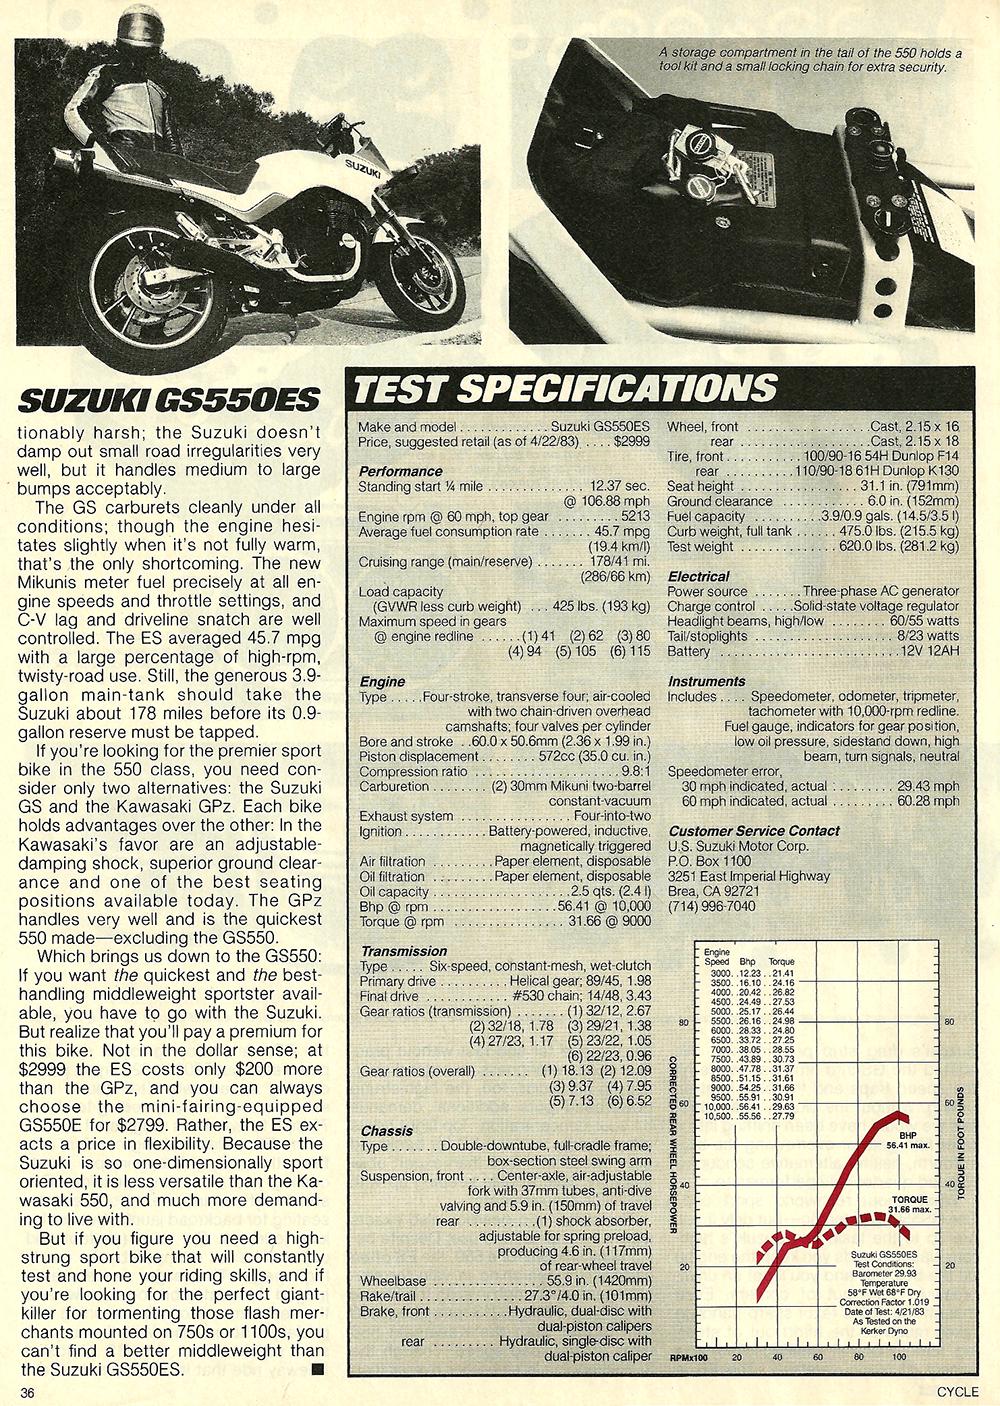 1983 Suzuki GS550ES road test 7.jpg